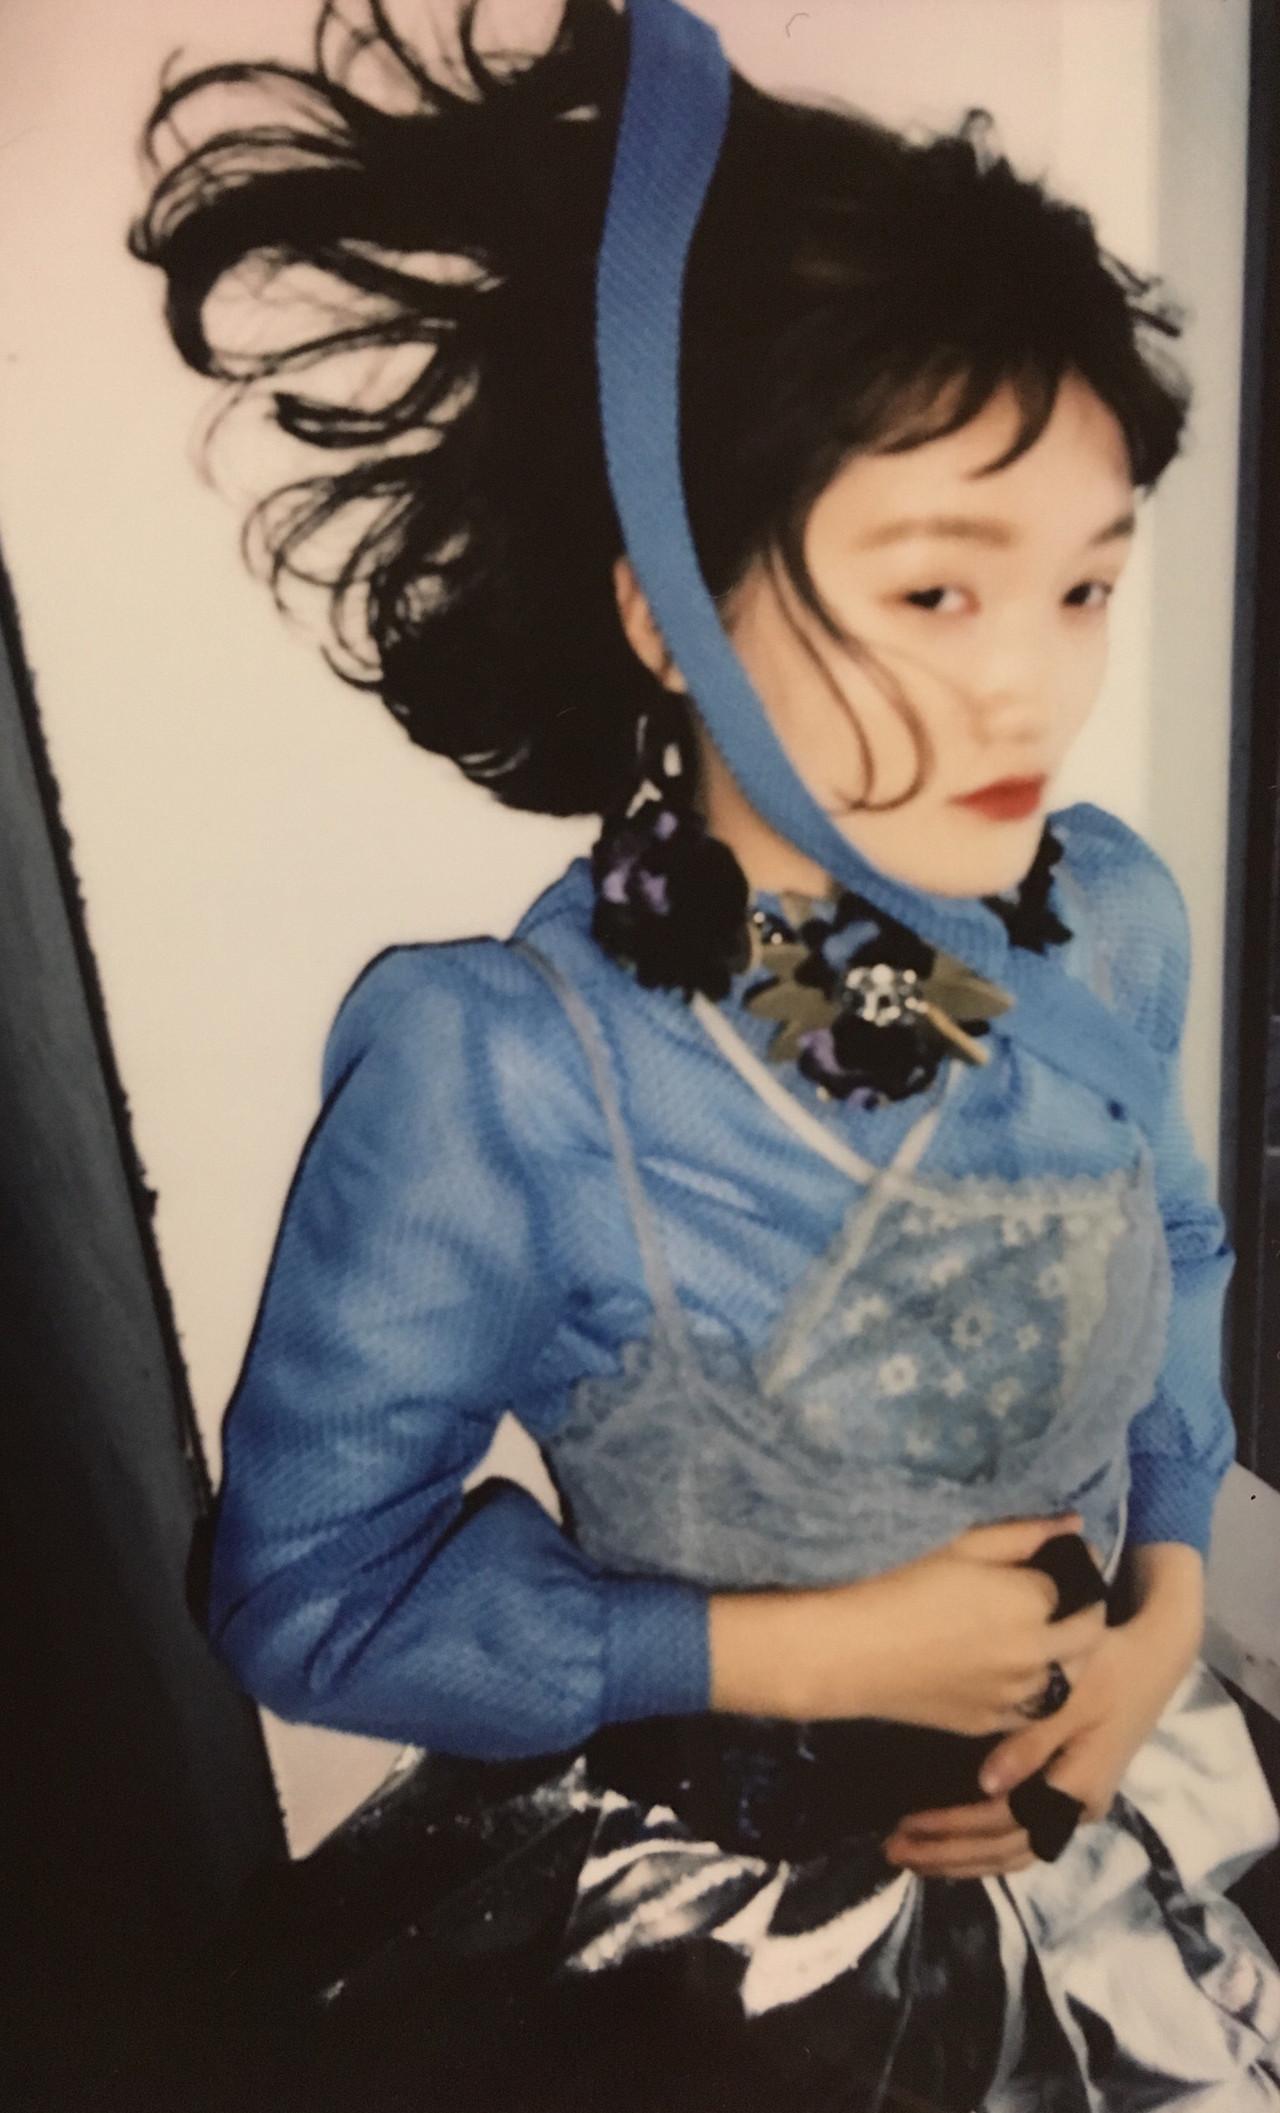 ファッション モード 前下がりボブ お洒落 ヘアスタイルや髪型の写真・画像 | 写真家/美容師 モード アンニュイヘア 芦川海斗 / GOTODAYSHAiRESALON原宿本店